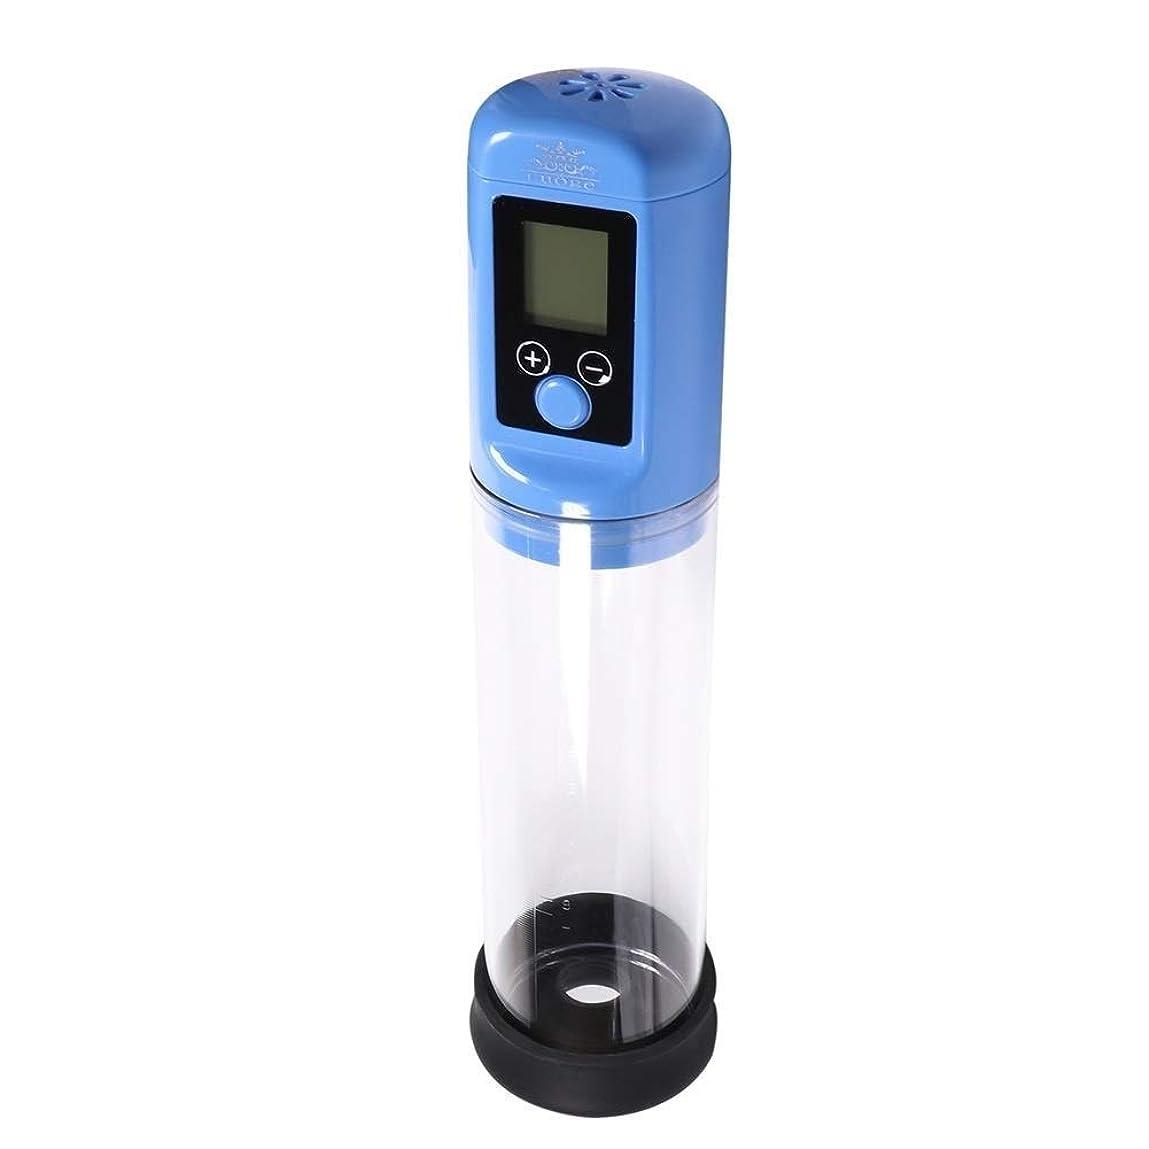 微妙ゴミ箱電圧YH-DSH USB再充電電気男性真空ポンプメンズMǎssagingワンド拡大はポンプ空気圧機器Penisgrowthトレーニングデバイスを拡張します YH-DSH